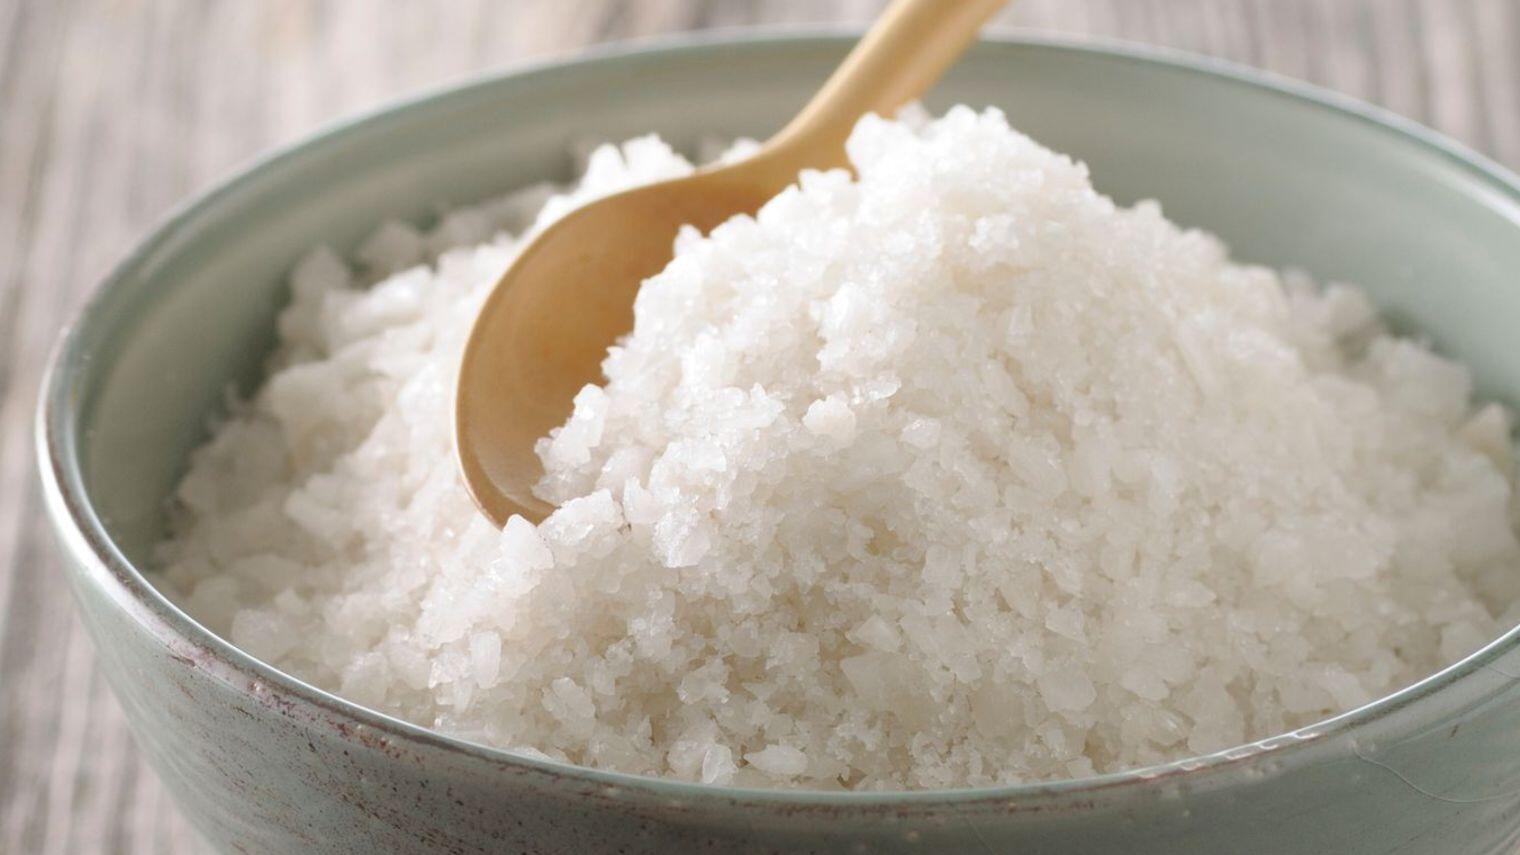 食盐有害健康?法媒介绍科学饮食法减少盐分摄入